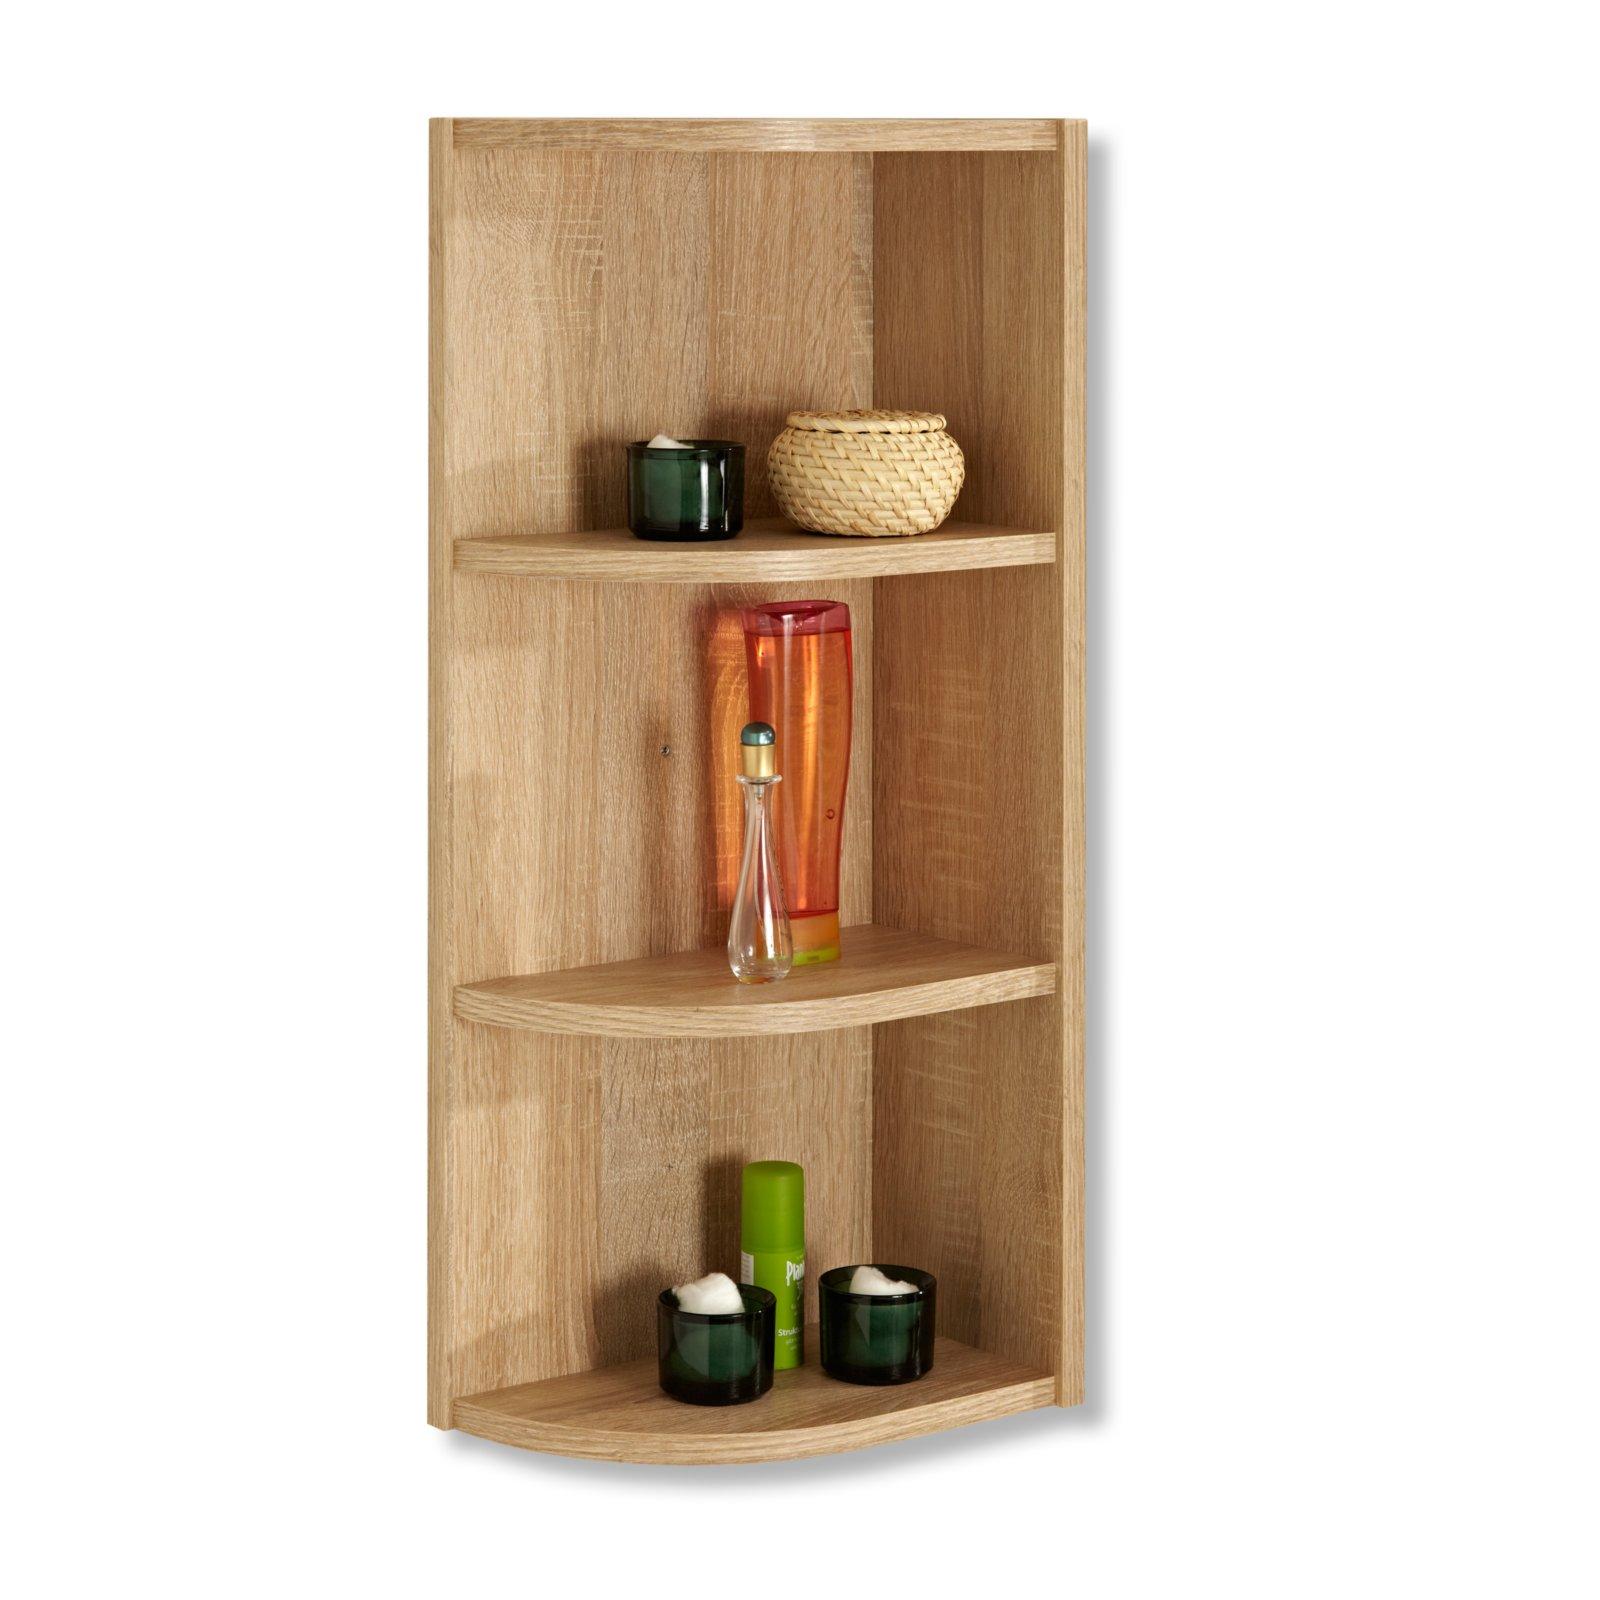 abschlussecke luanda eiche natur badregale badm bel badezimmer wohnbereiche roller. Black Bedroom Furniture Sets. Home Design Ideas